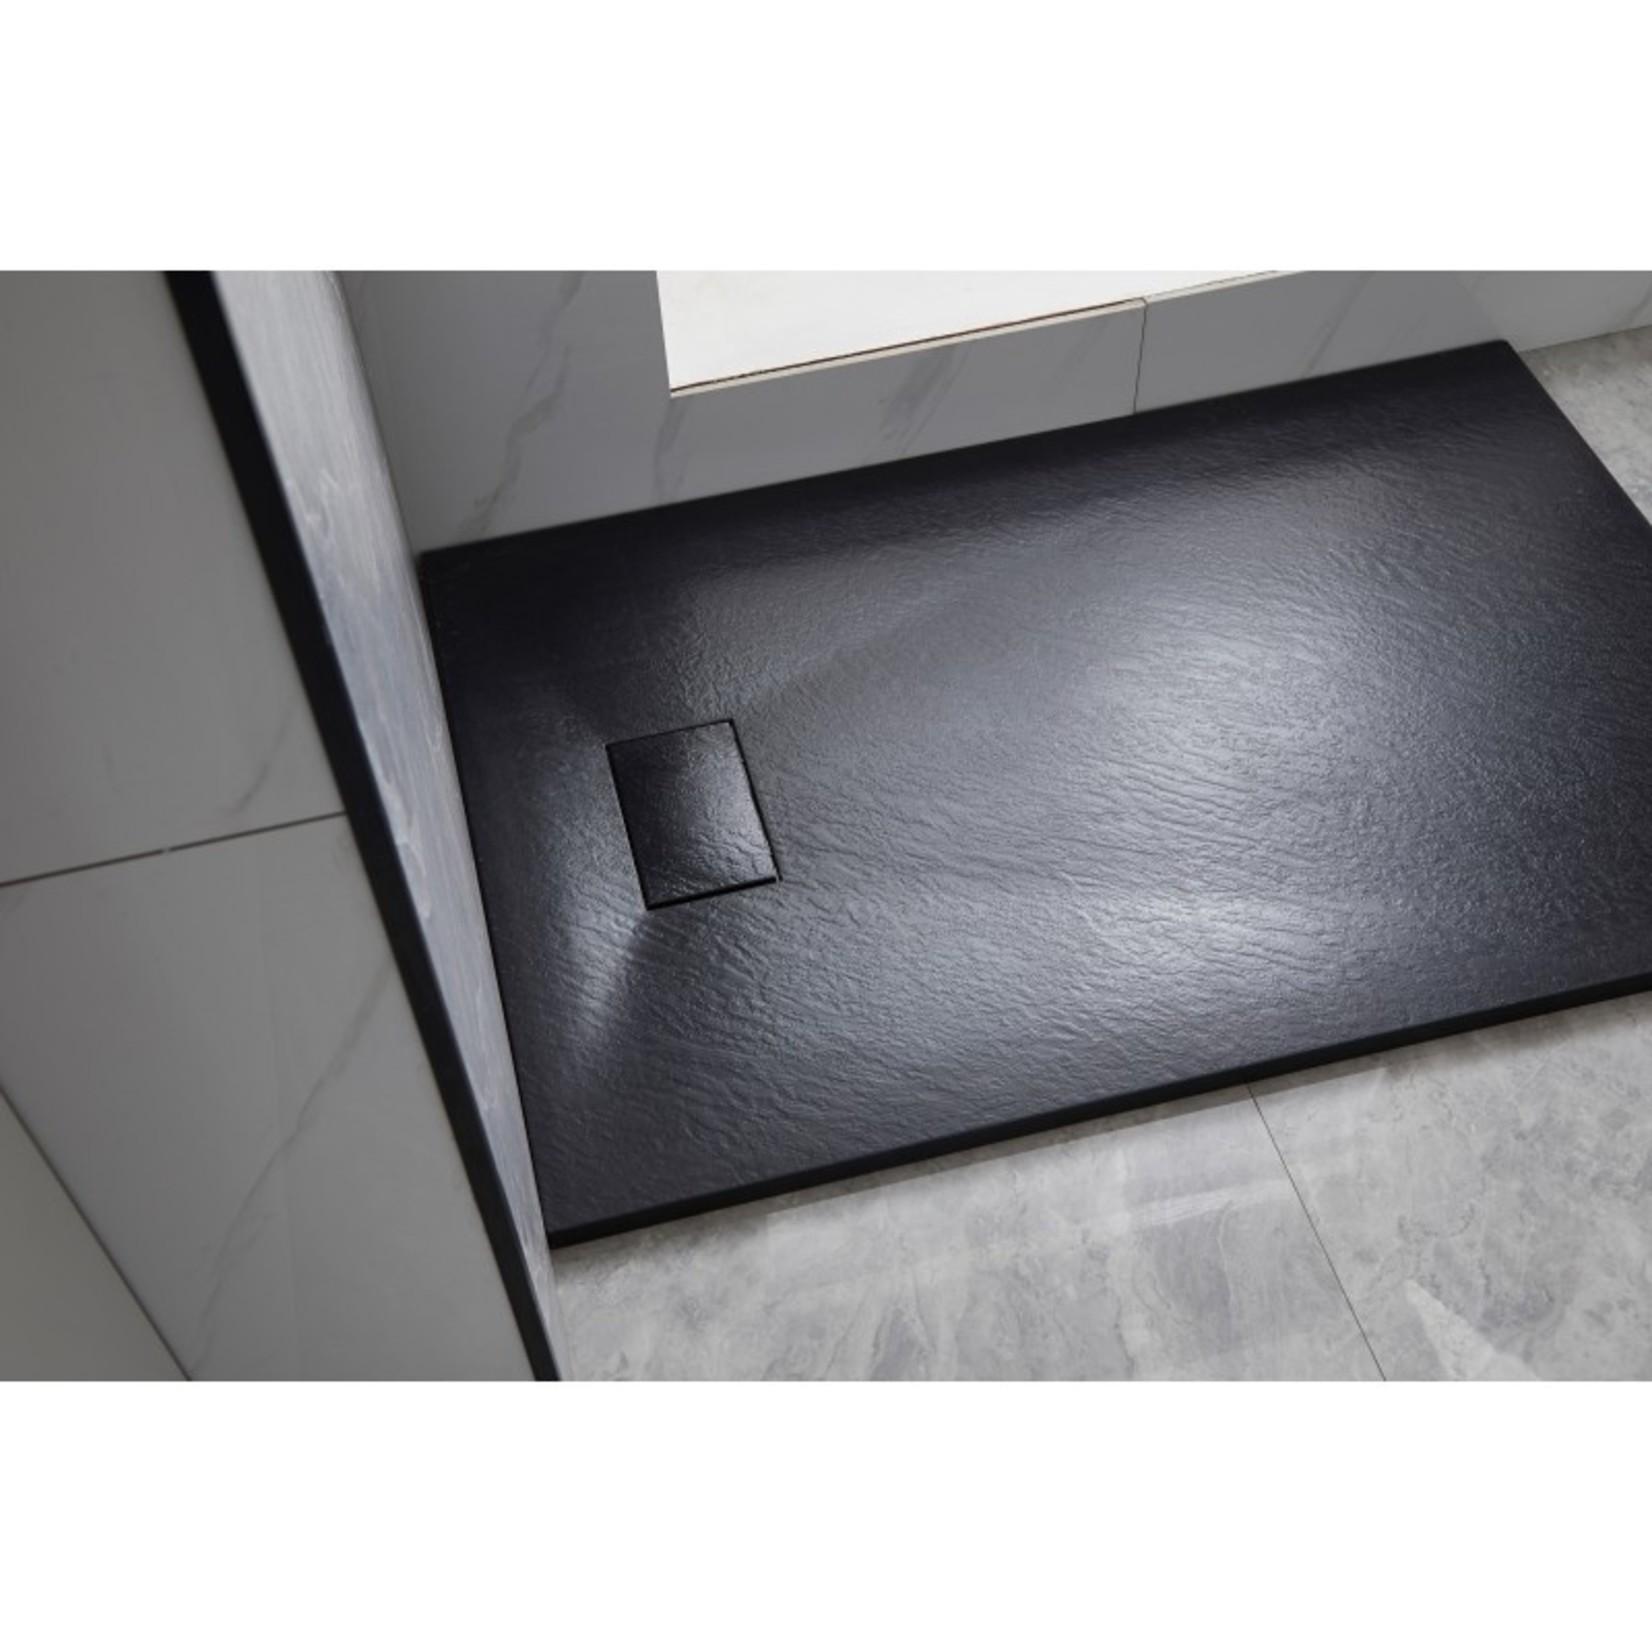 Base de douche noir fini ardoise 36x48 avec cache-drain installation universelle